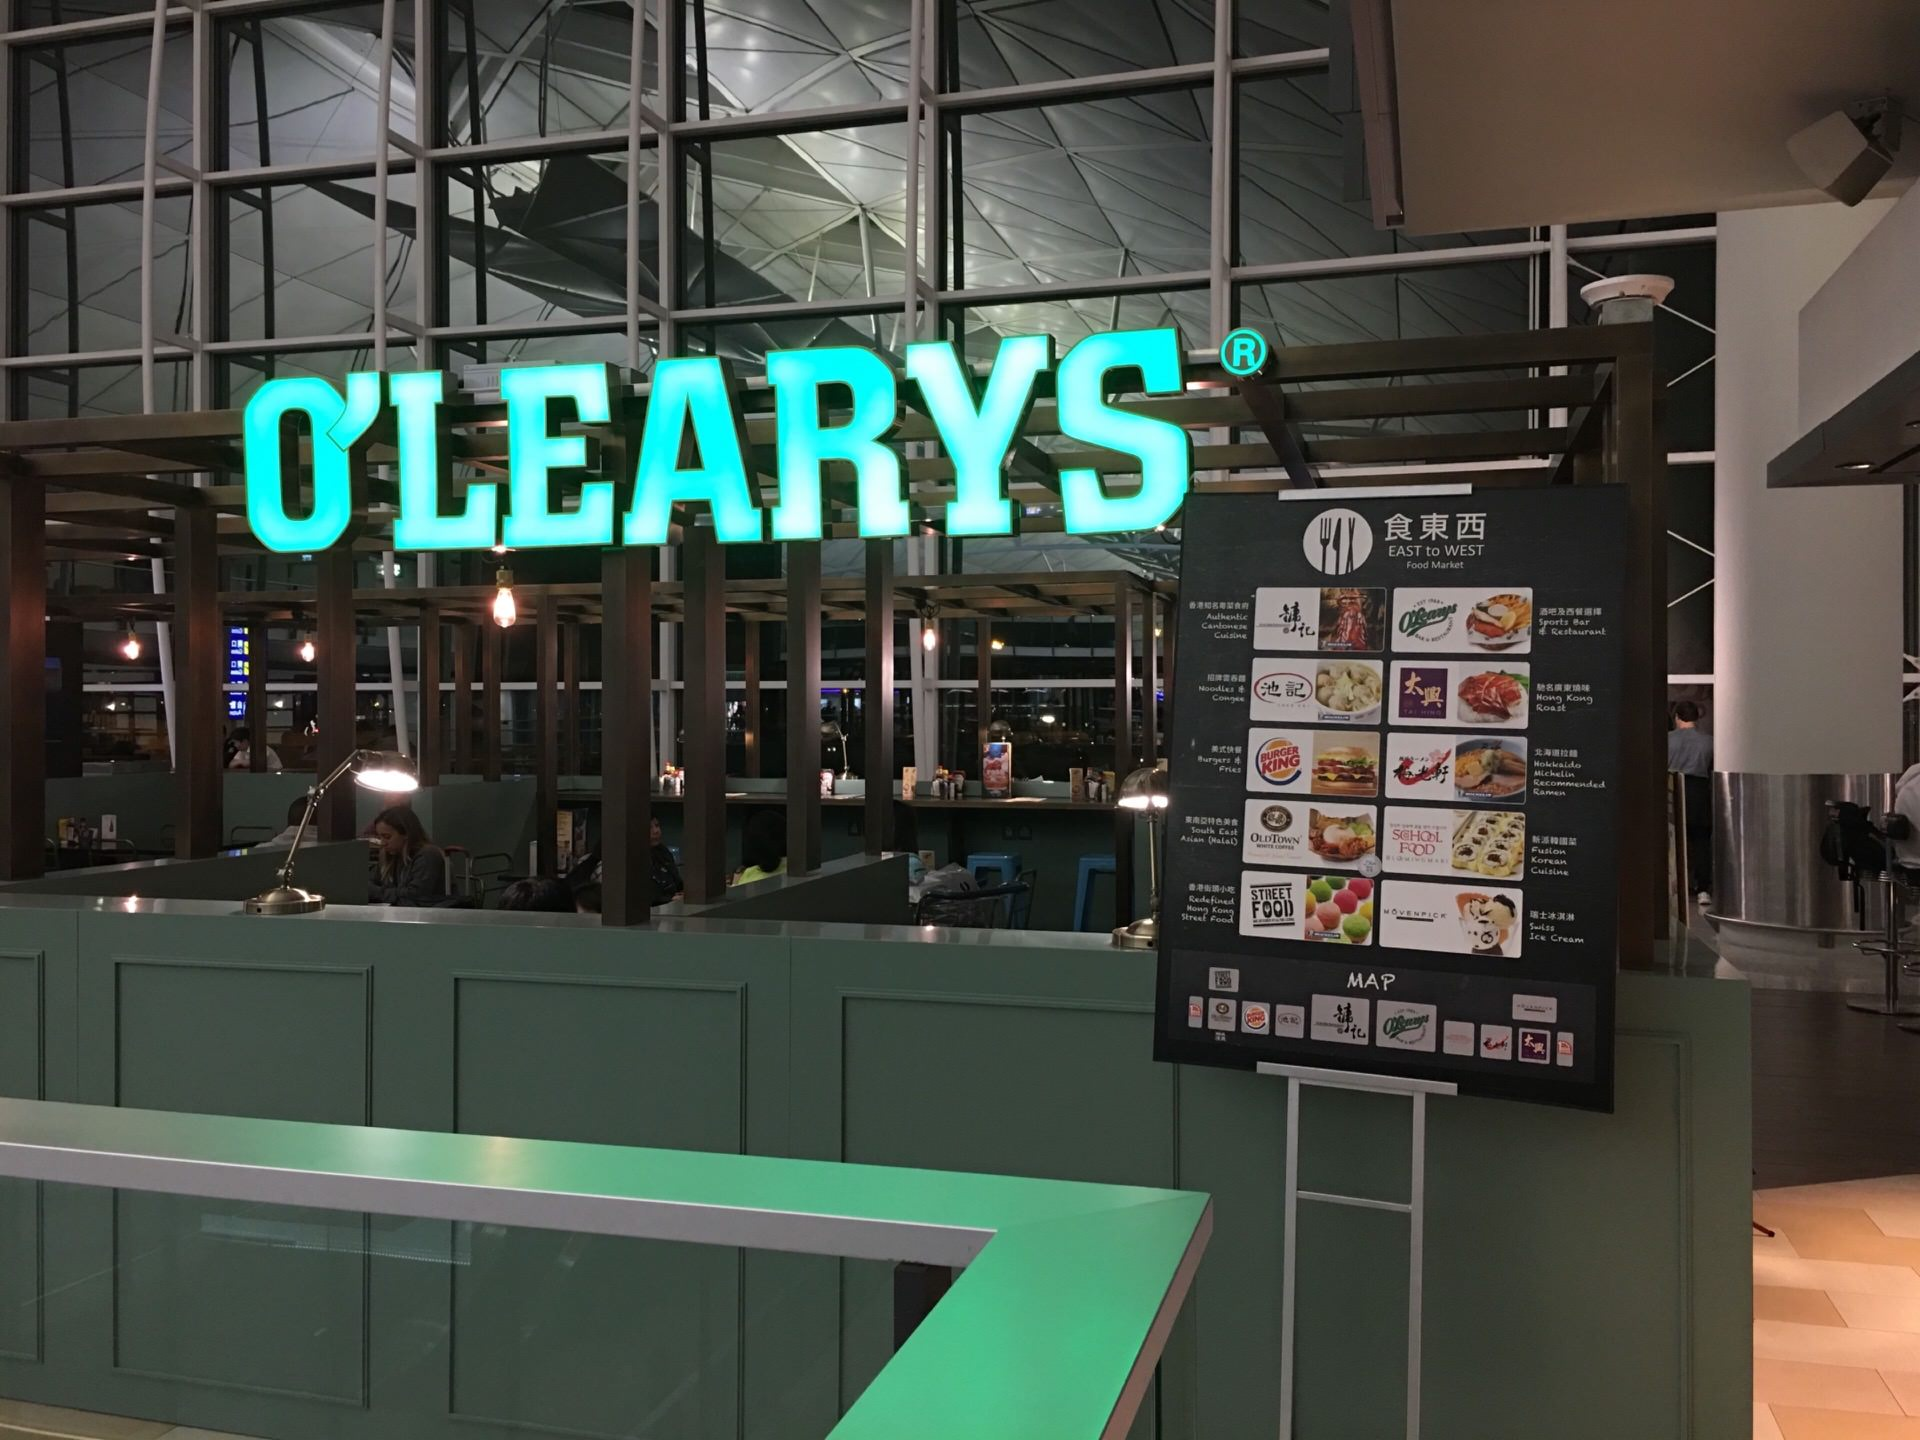 香港機場龍騰卡套餐 - O'Learys 美式餐廳